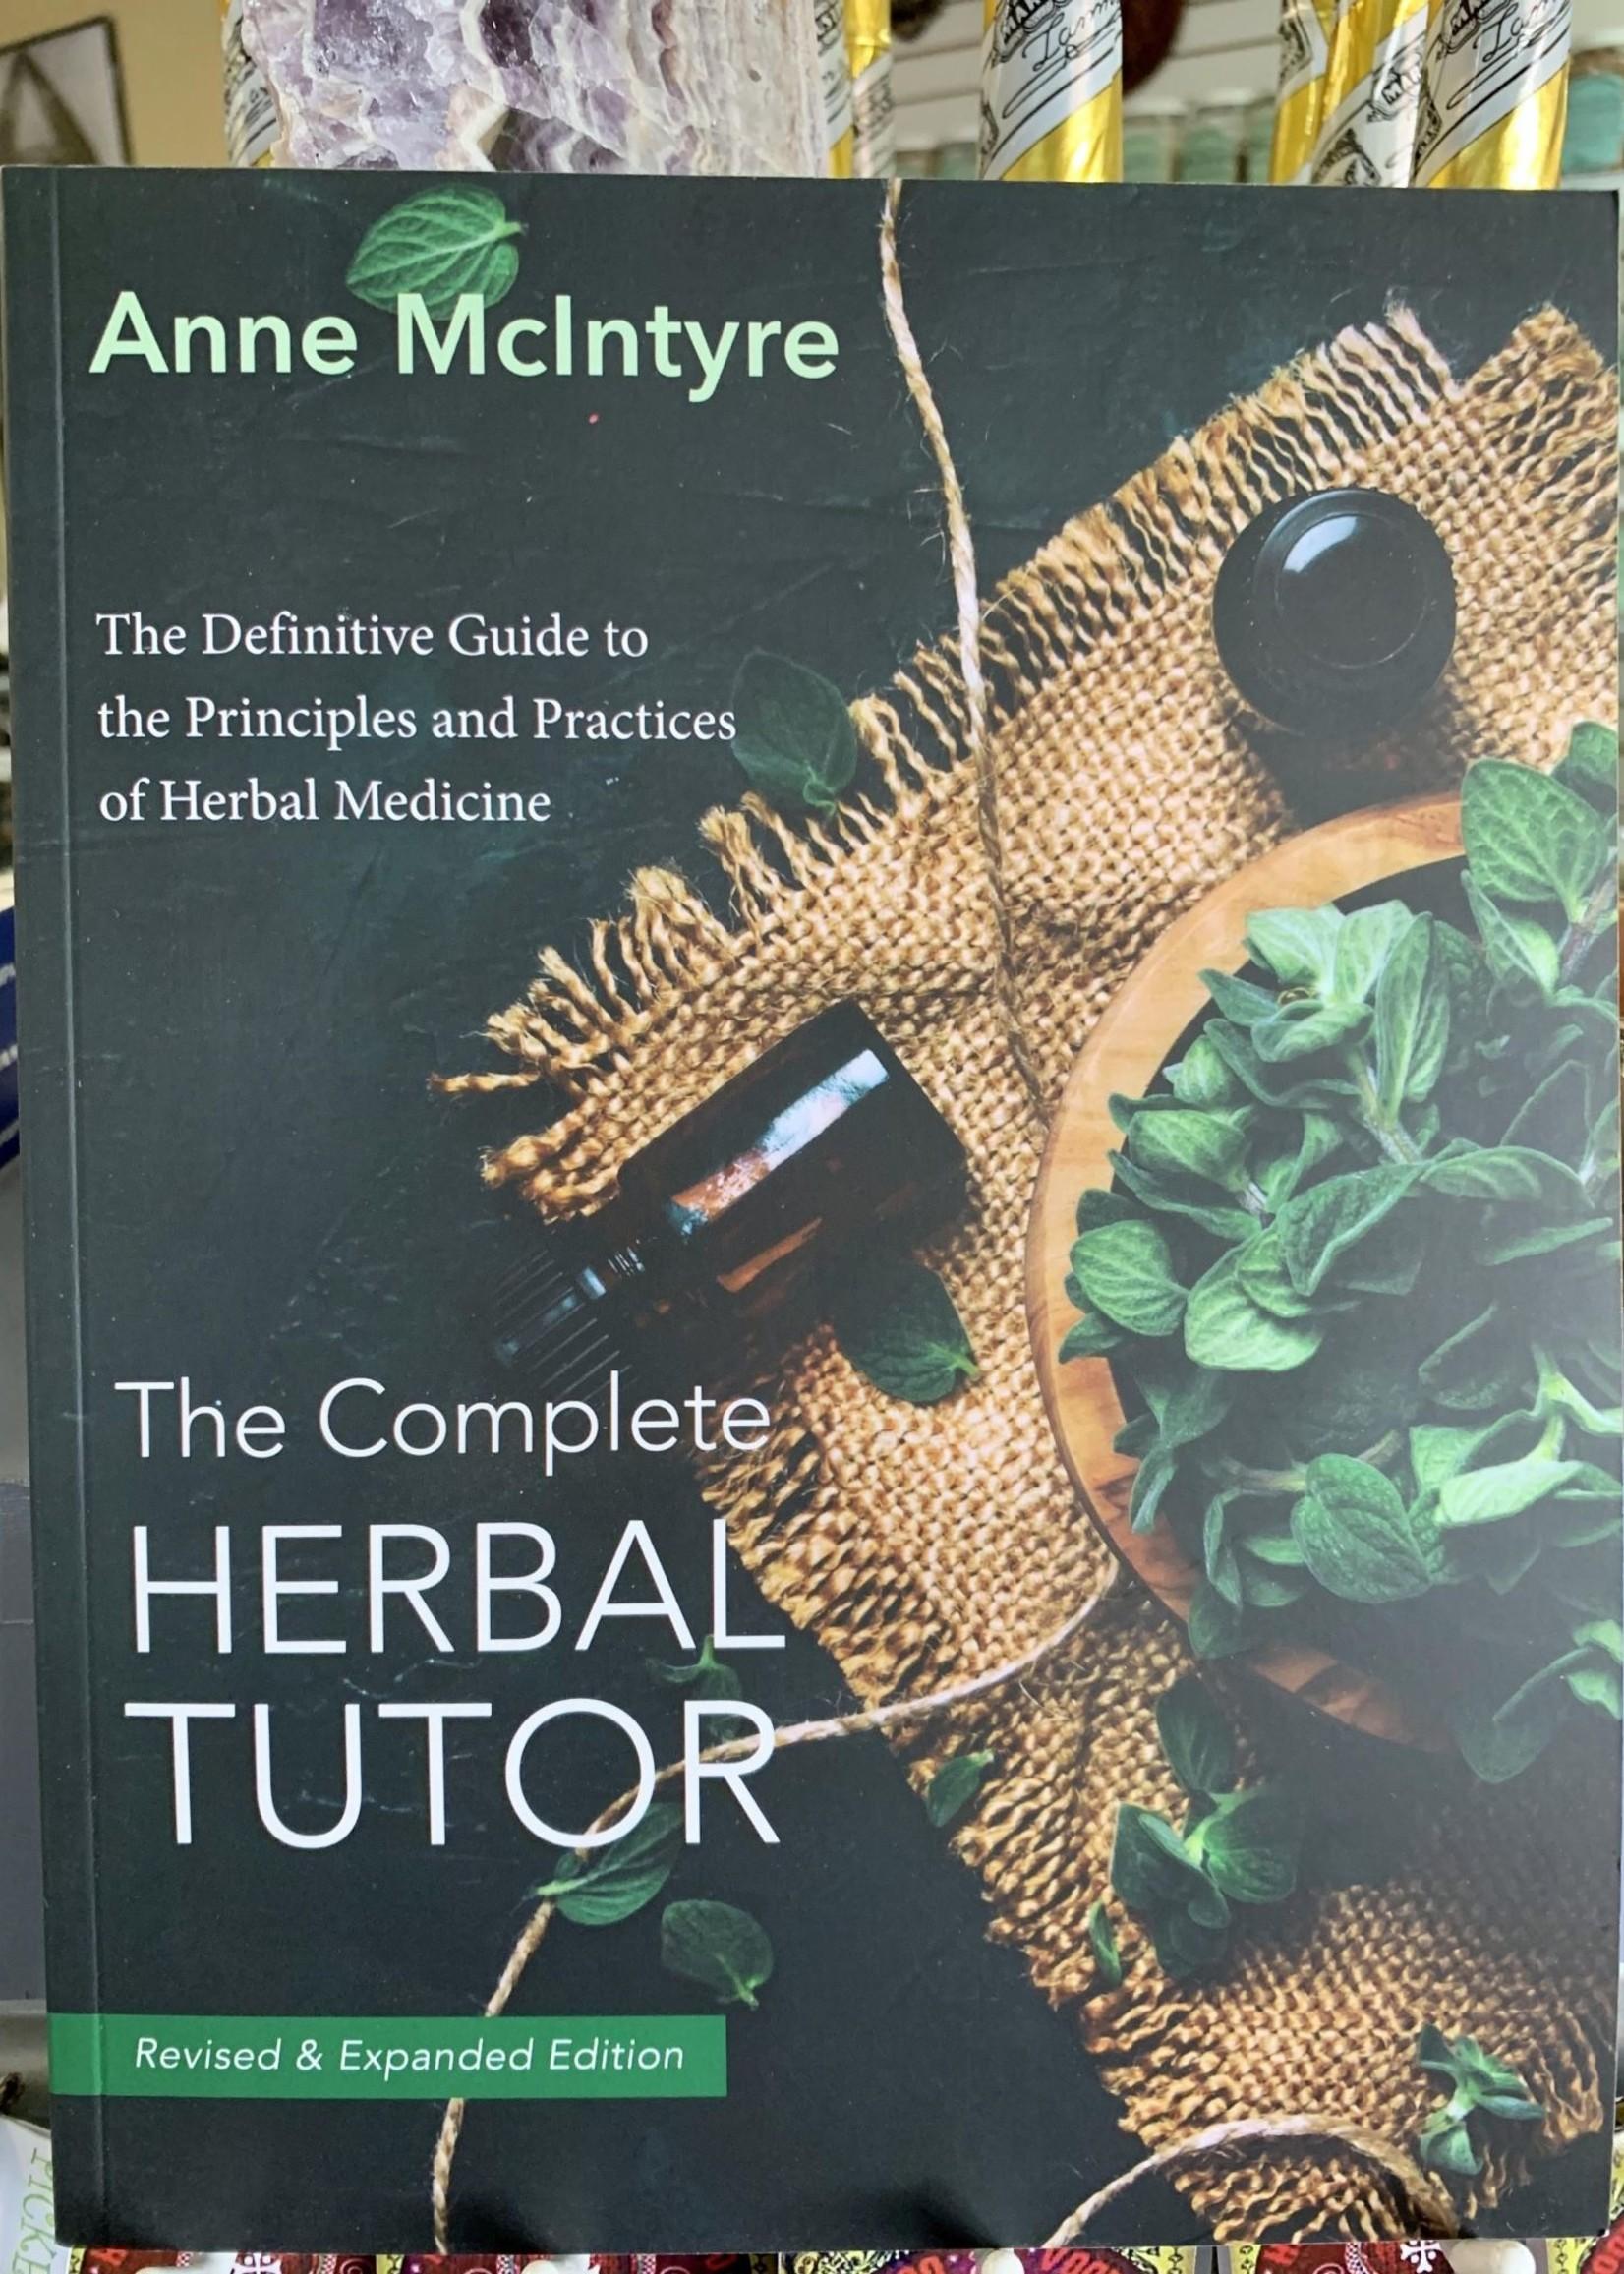 The Complete Herbal Tutor - Anne McIntyre